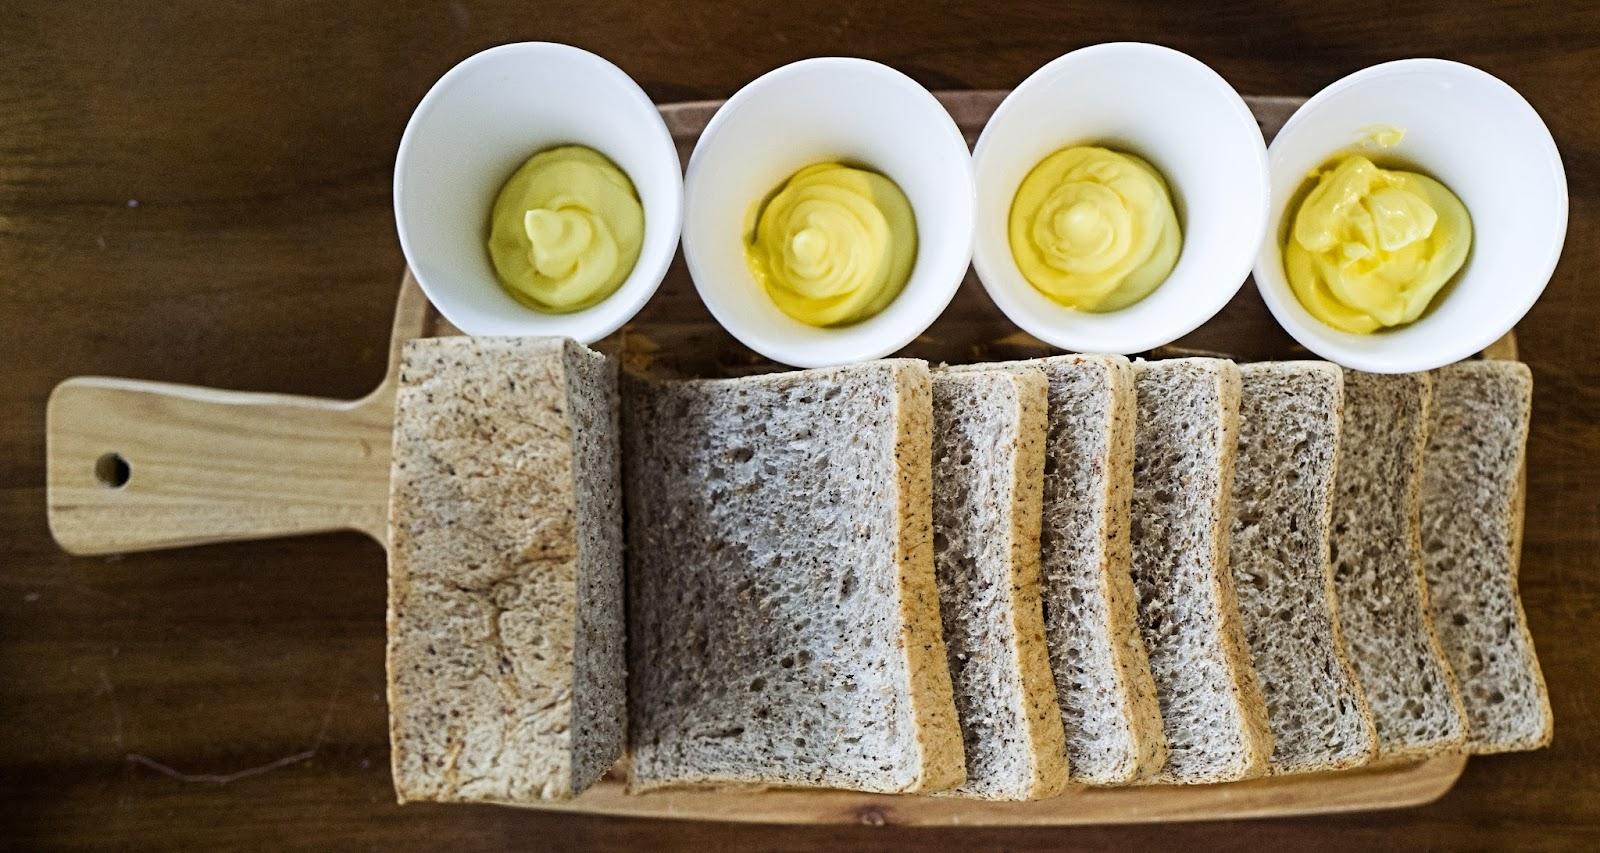 f-bread-L1090954.jpg